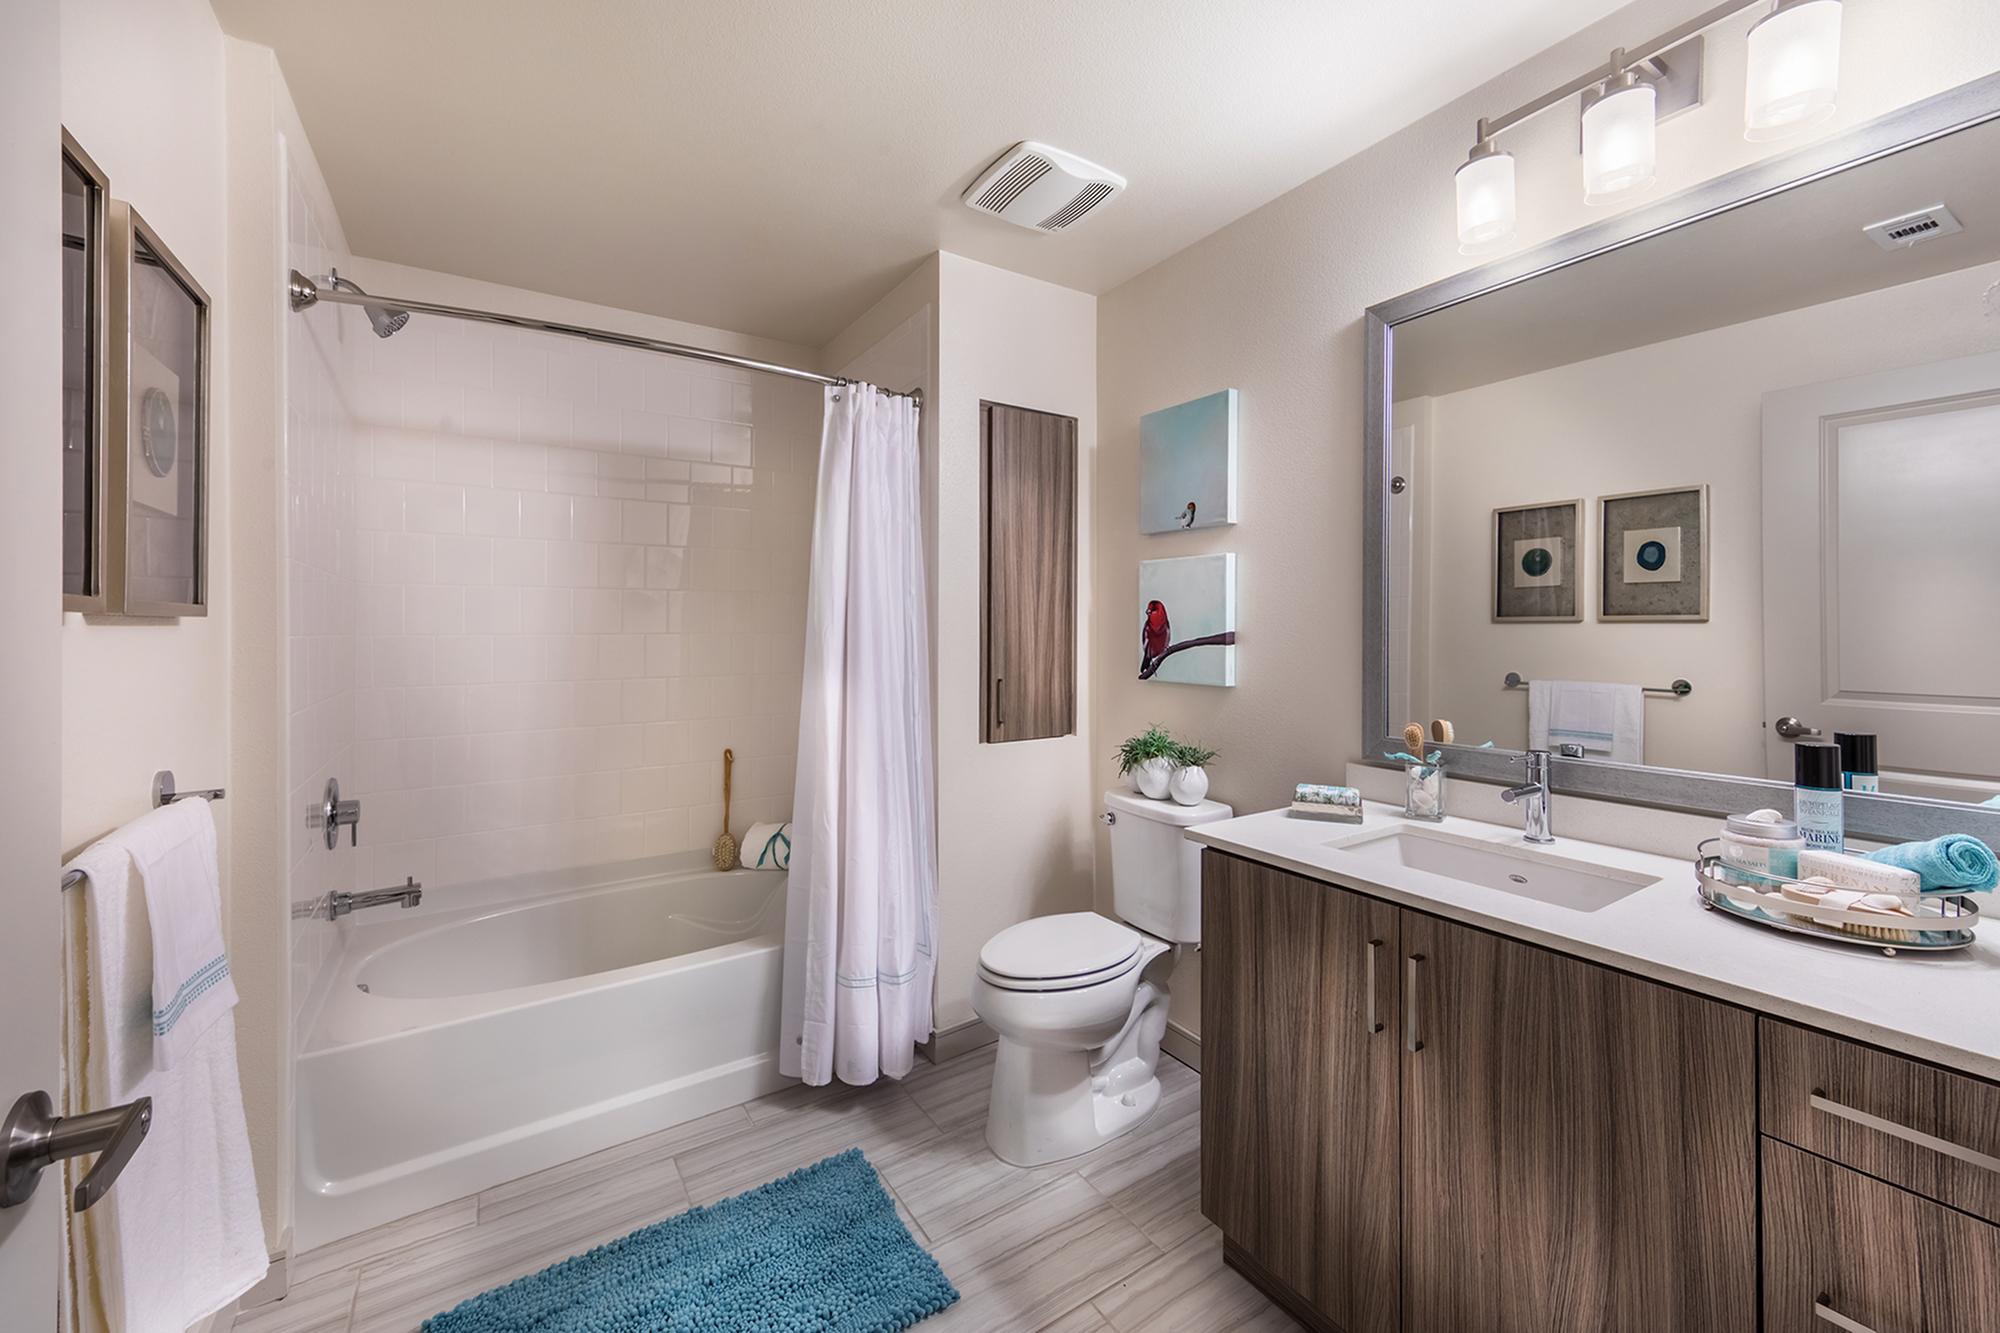 Bathroom at Areum Apartments in Monrovia CA